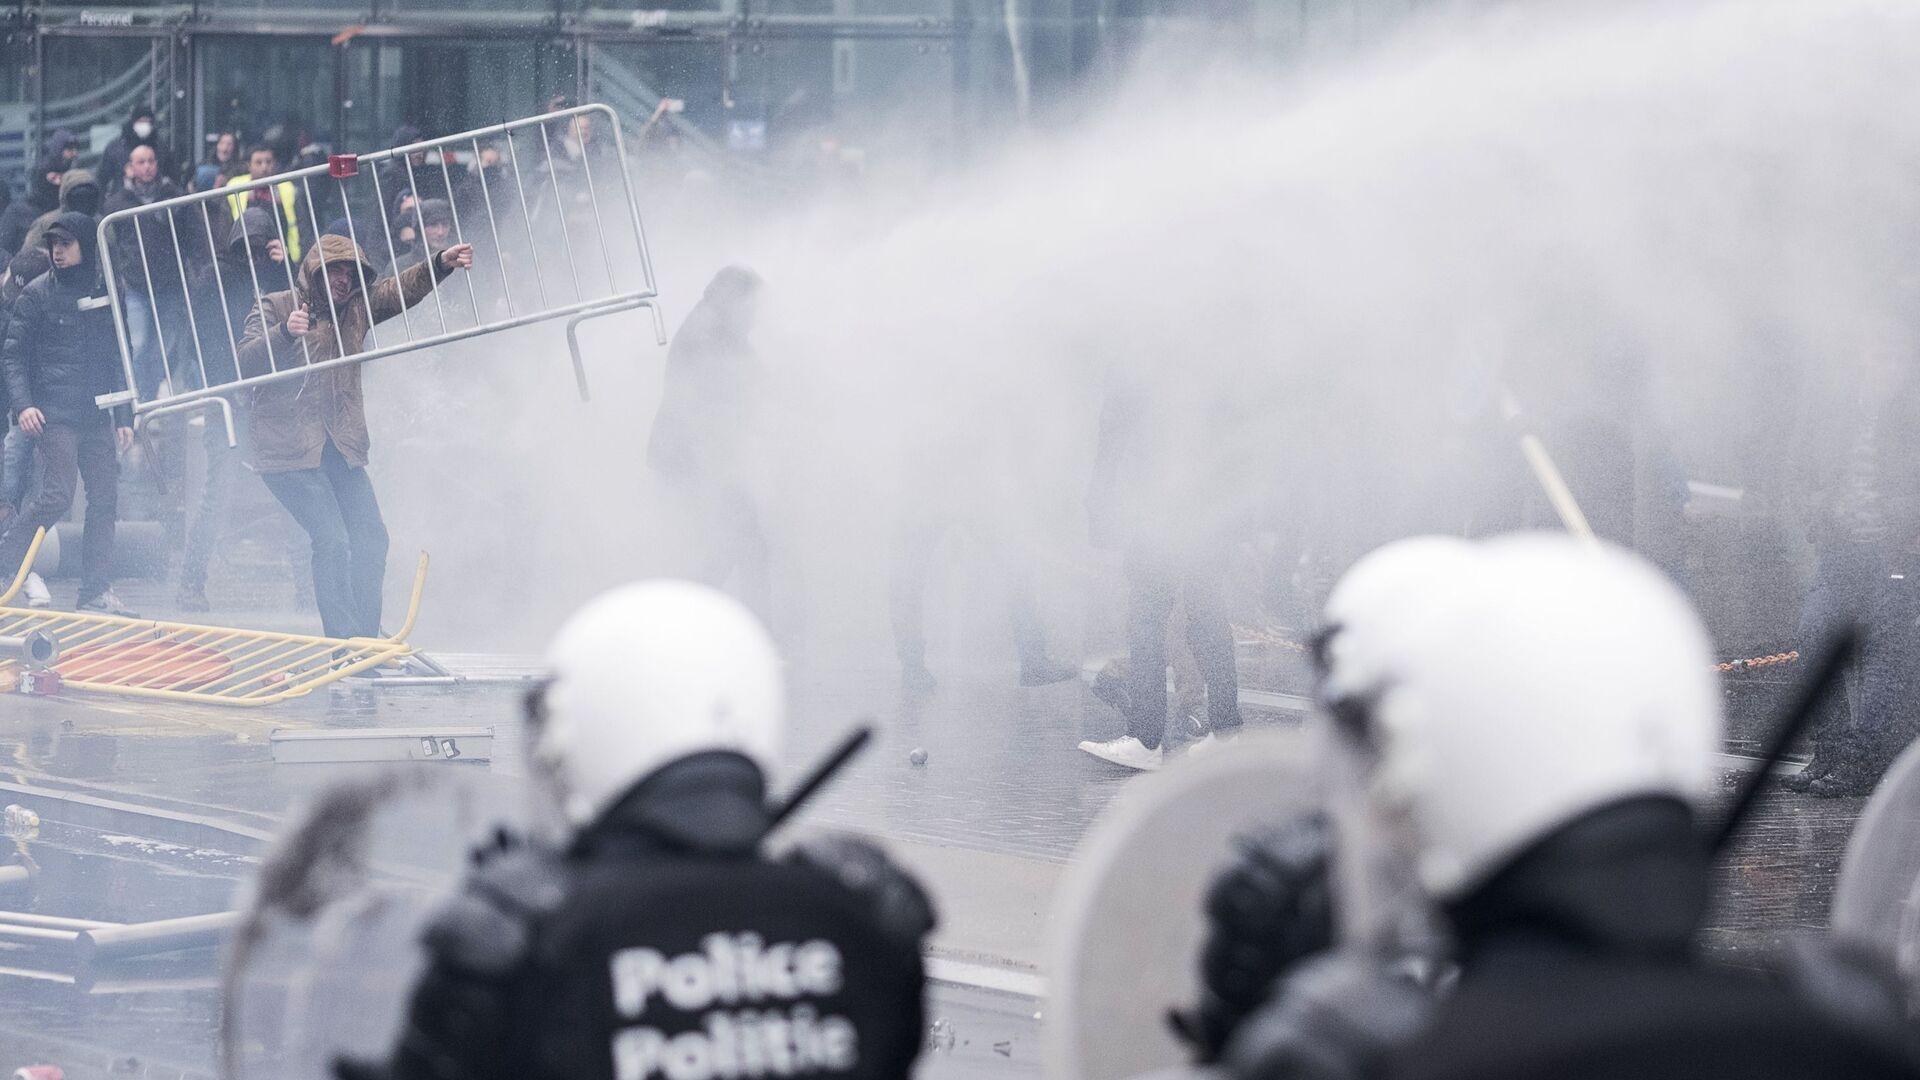 Участники массовых протестов в Брюсселе против миграционного пакта ООН. 16 декабря 2018 - РИА Новости, 1920, 31.01.2021